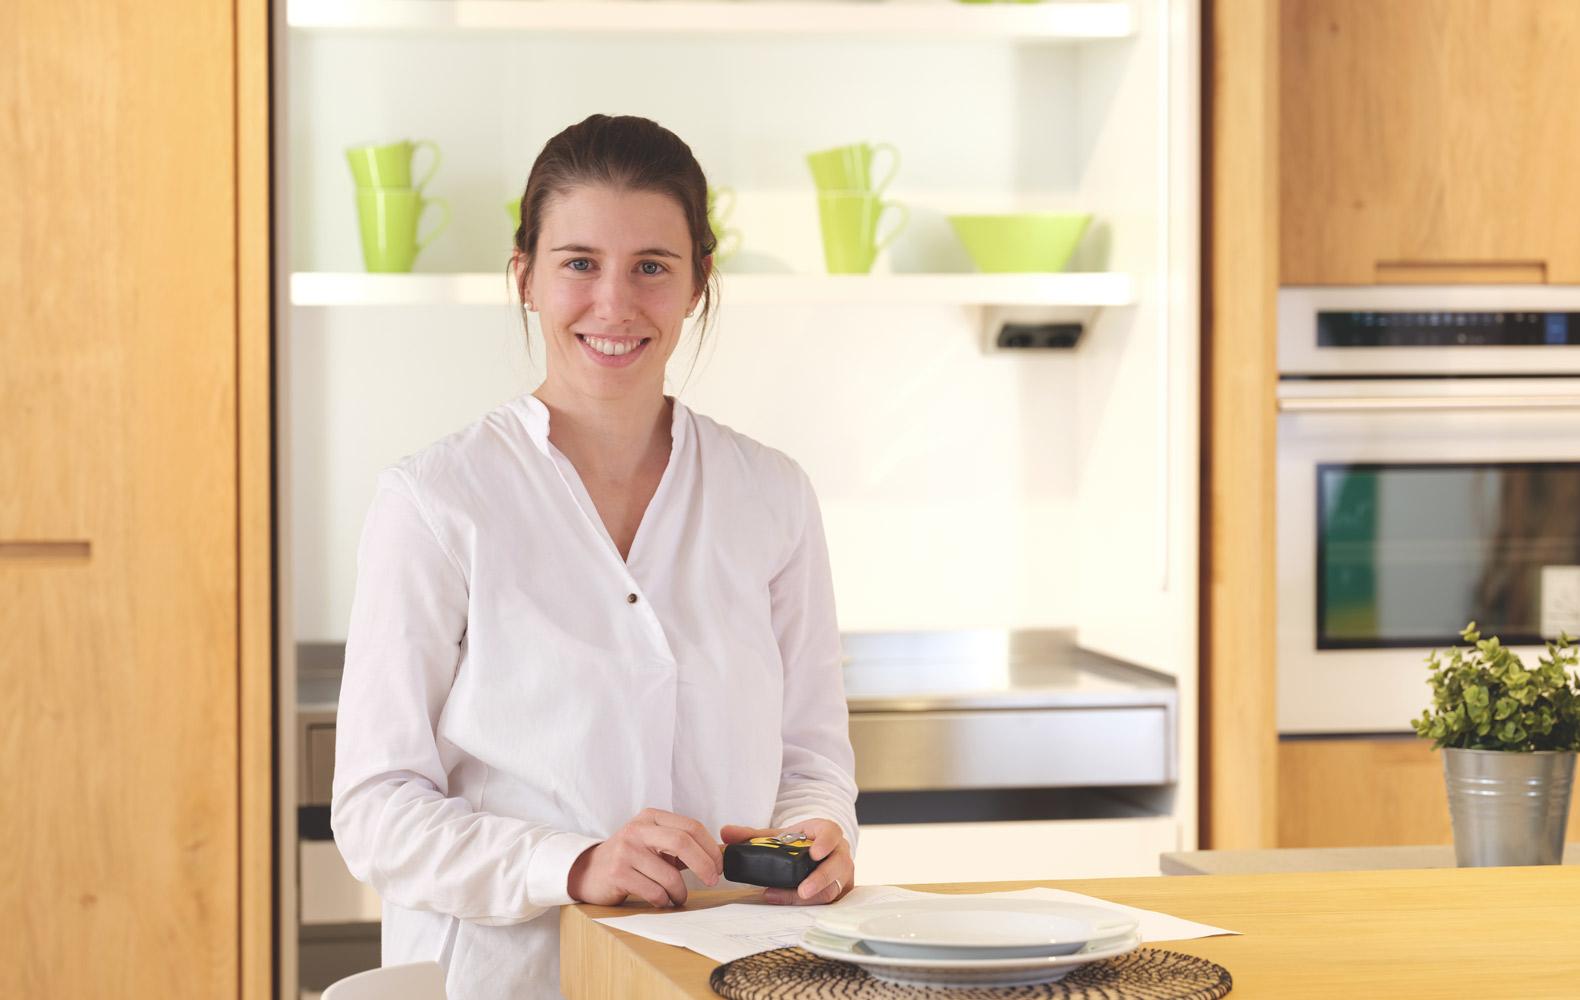 Delta Cucine Cles Negozio _CLAUDIA